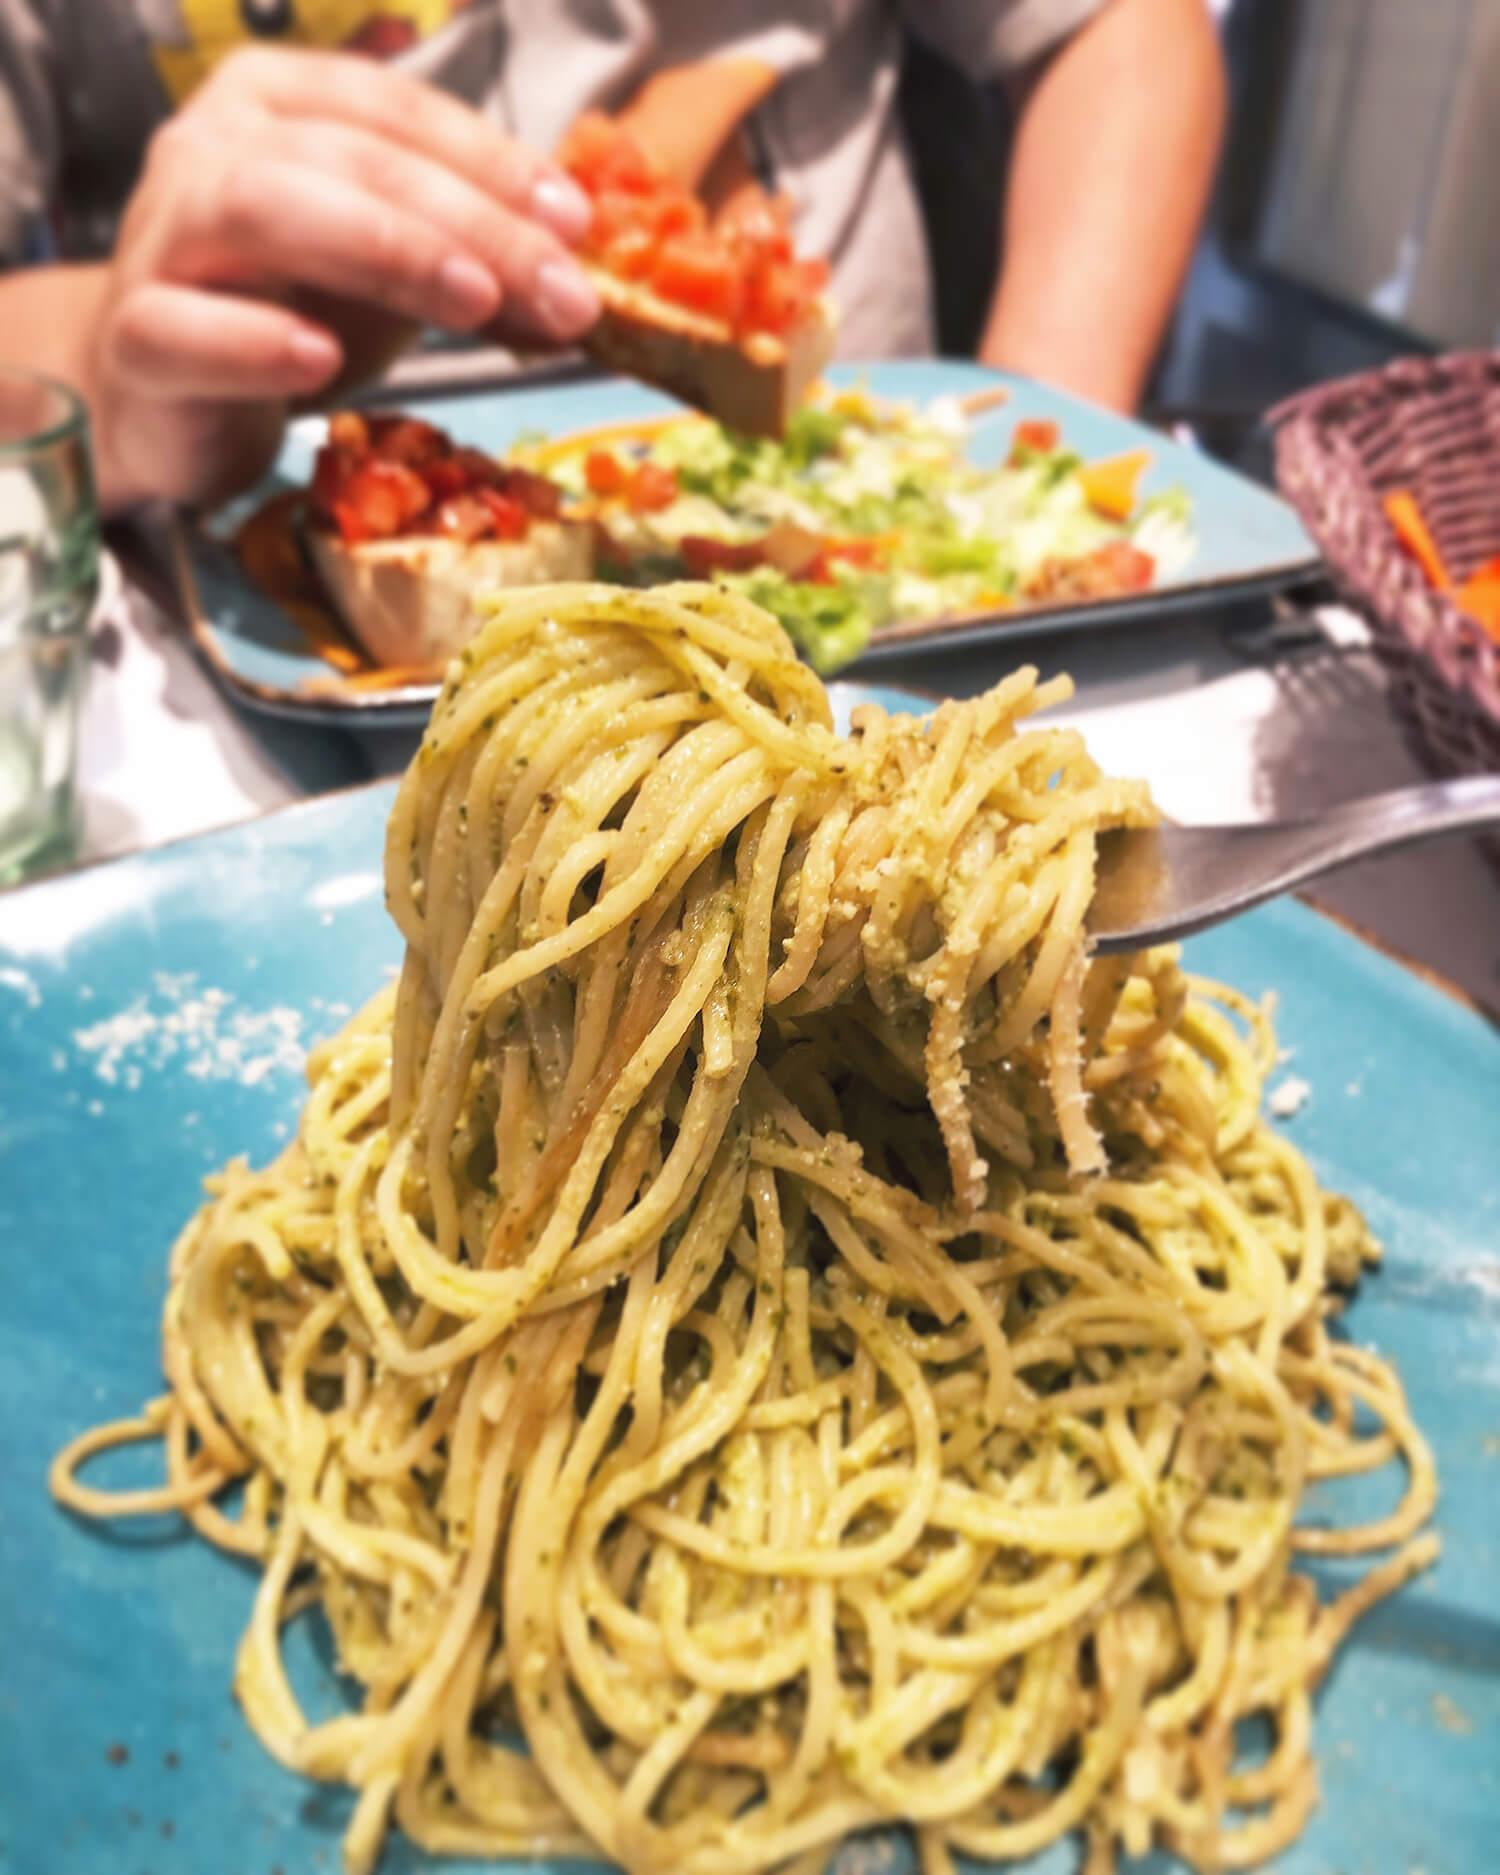 Cinque Terre Italy Five Villages Travel Food Liguria Region Pesto Pasta Bruschetta